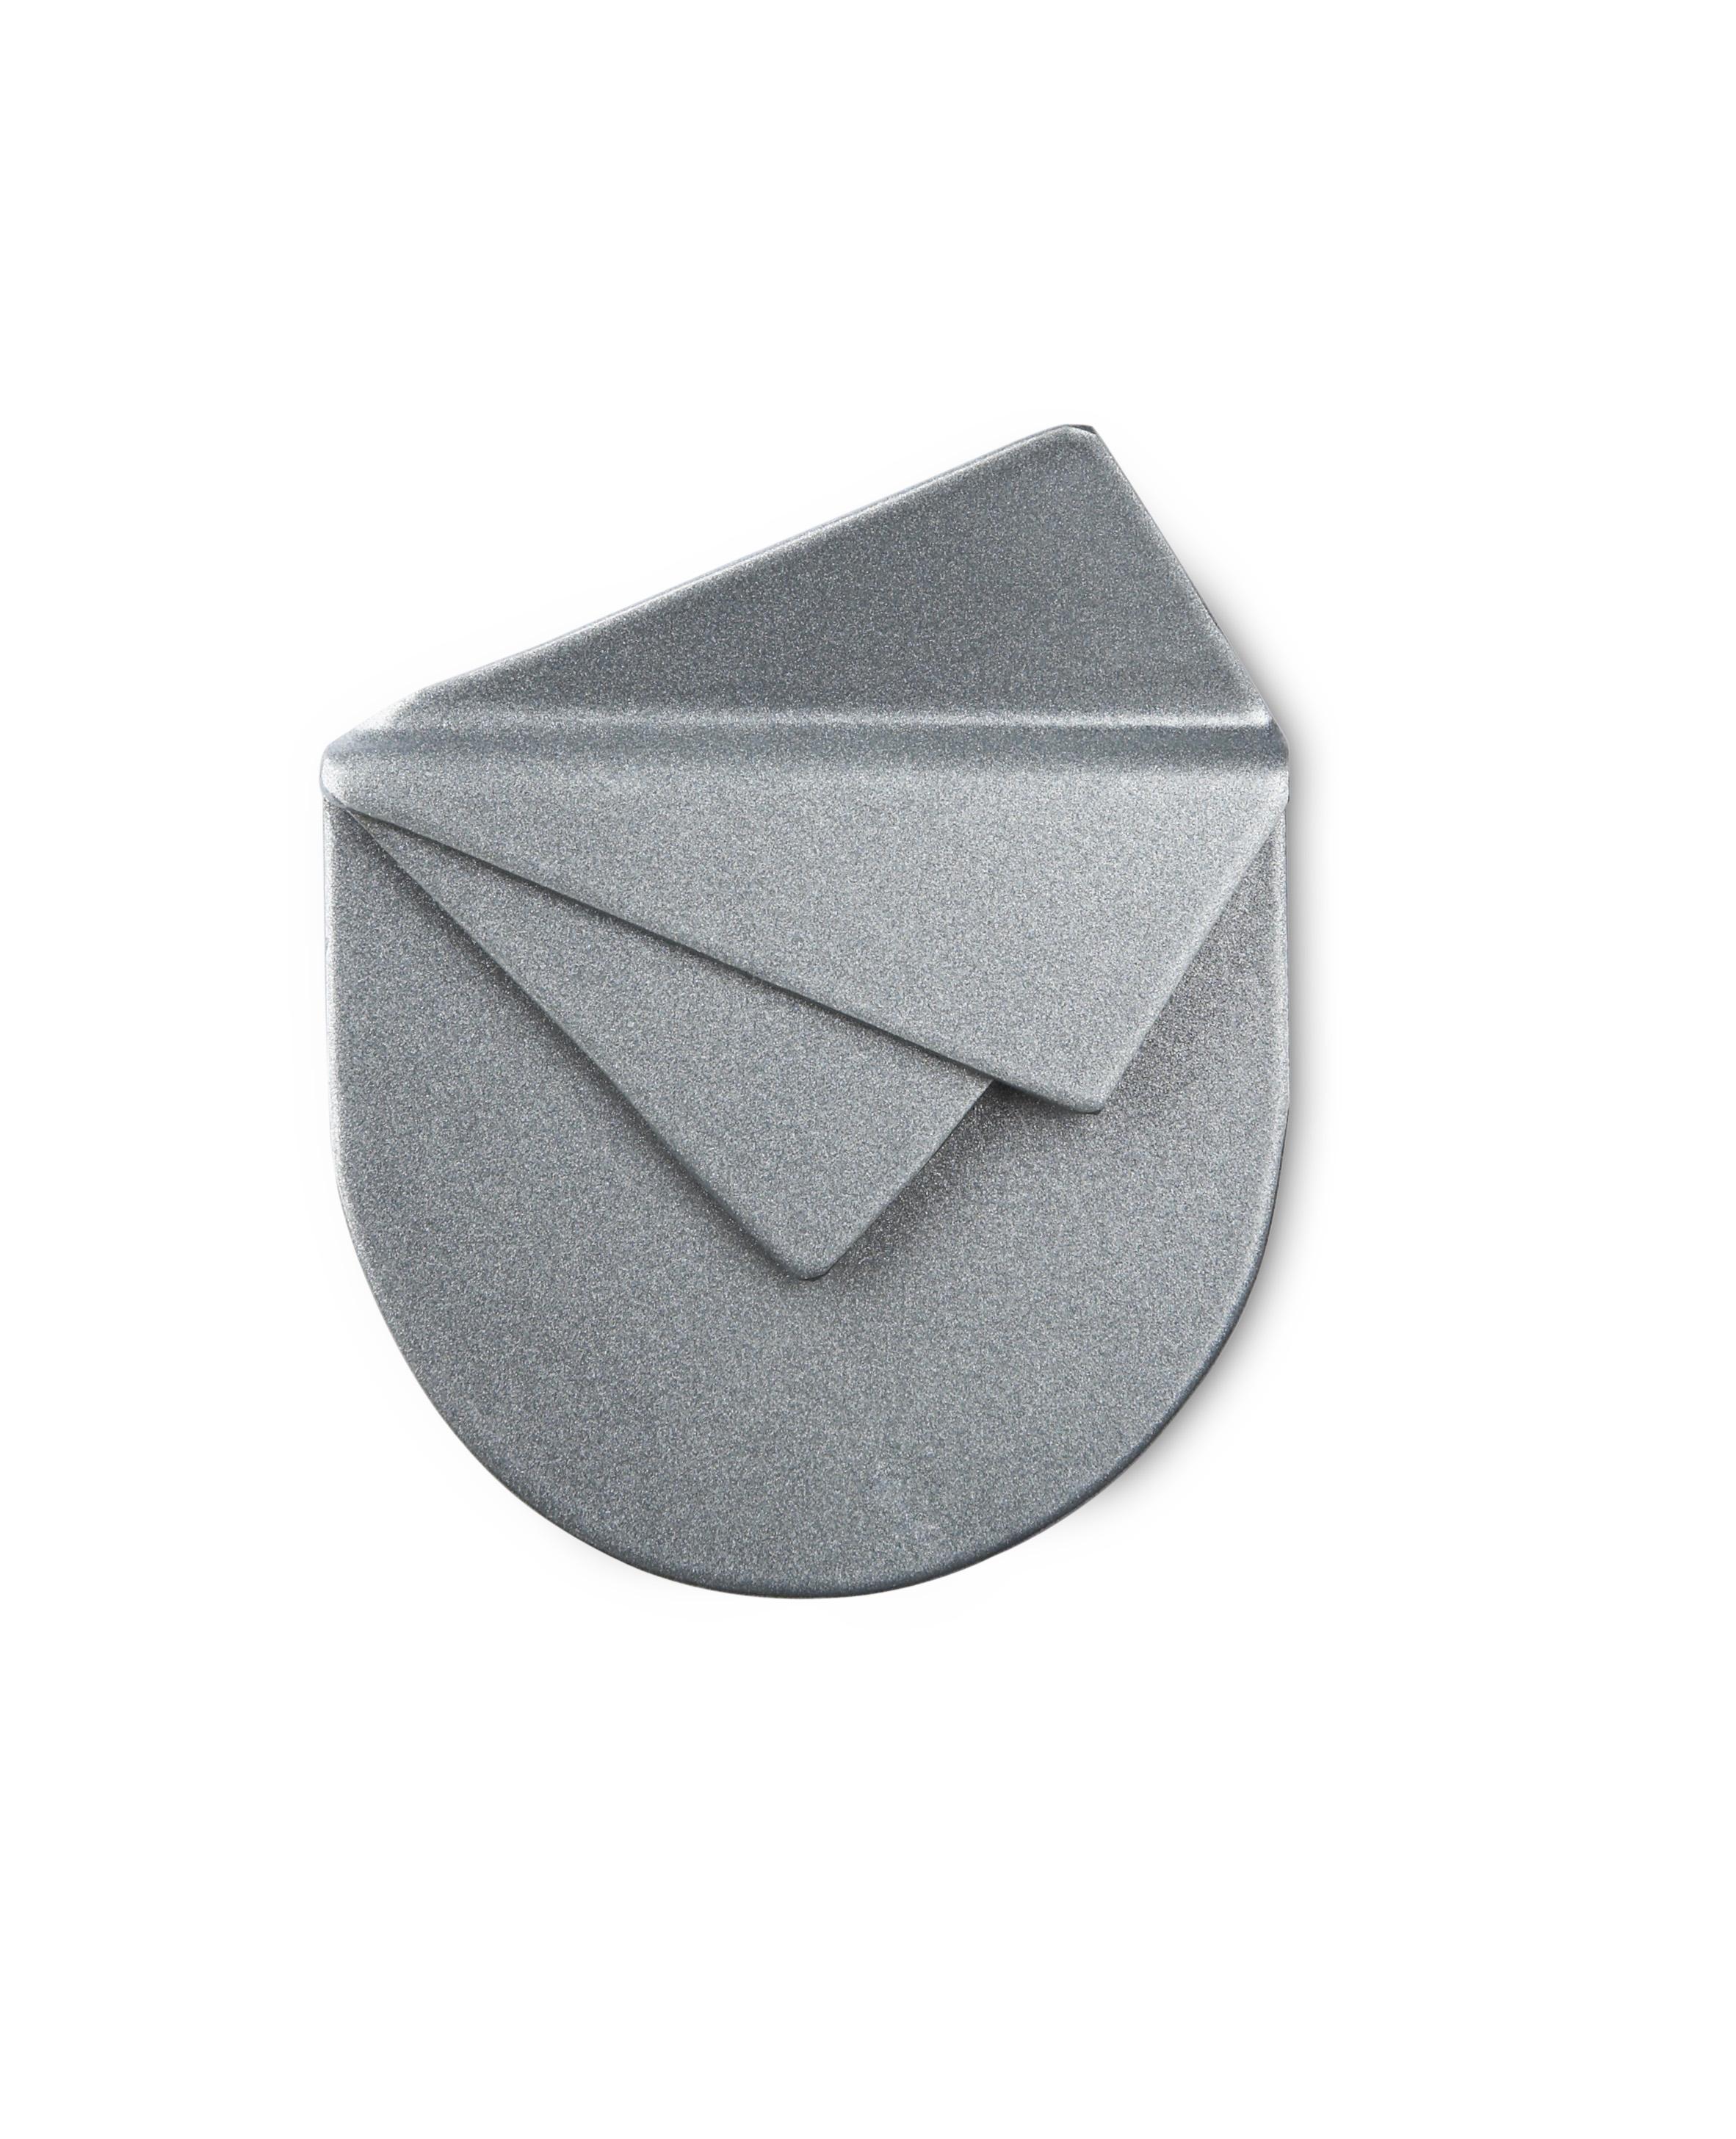 pochette-alluminio-metallizzato